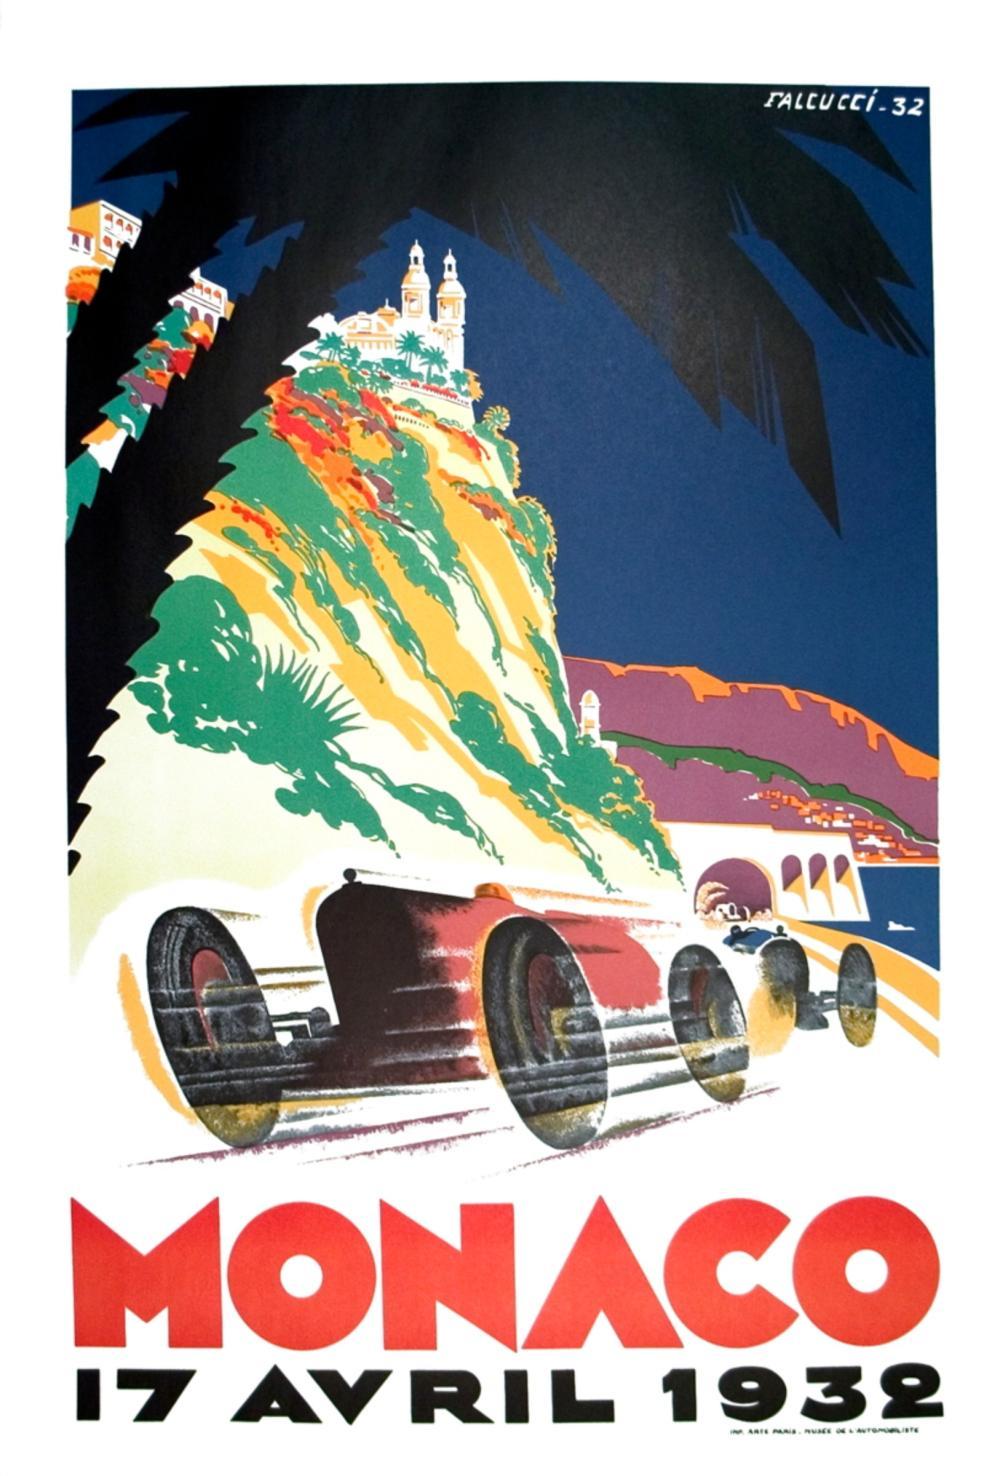 Monaco Grand Prix 1959-2002 Lithograph